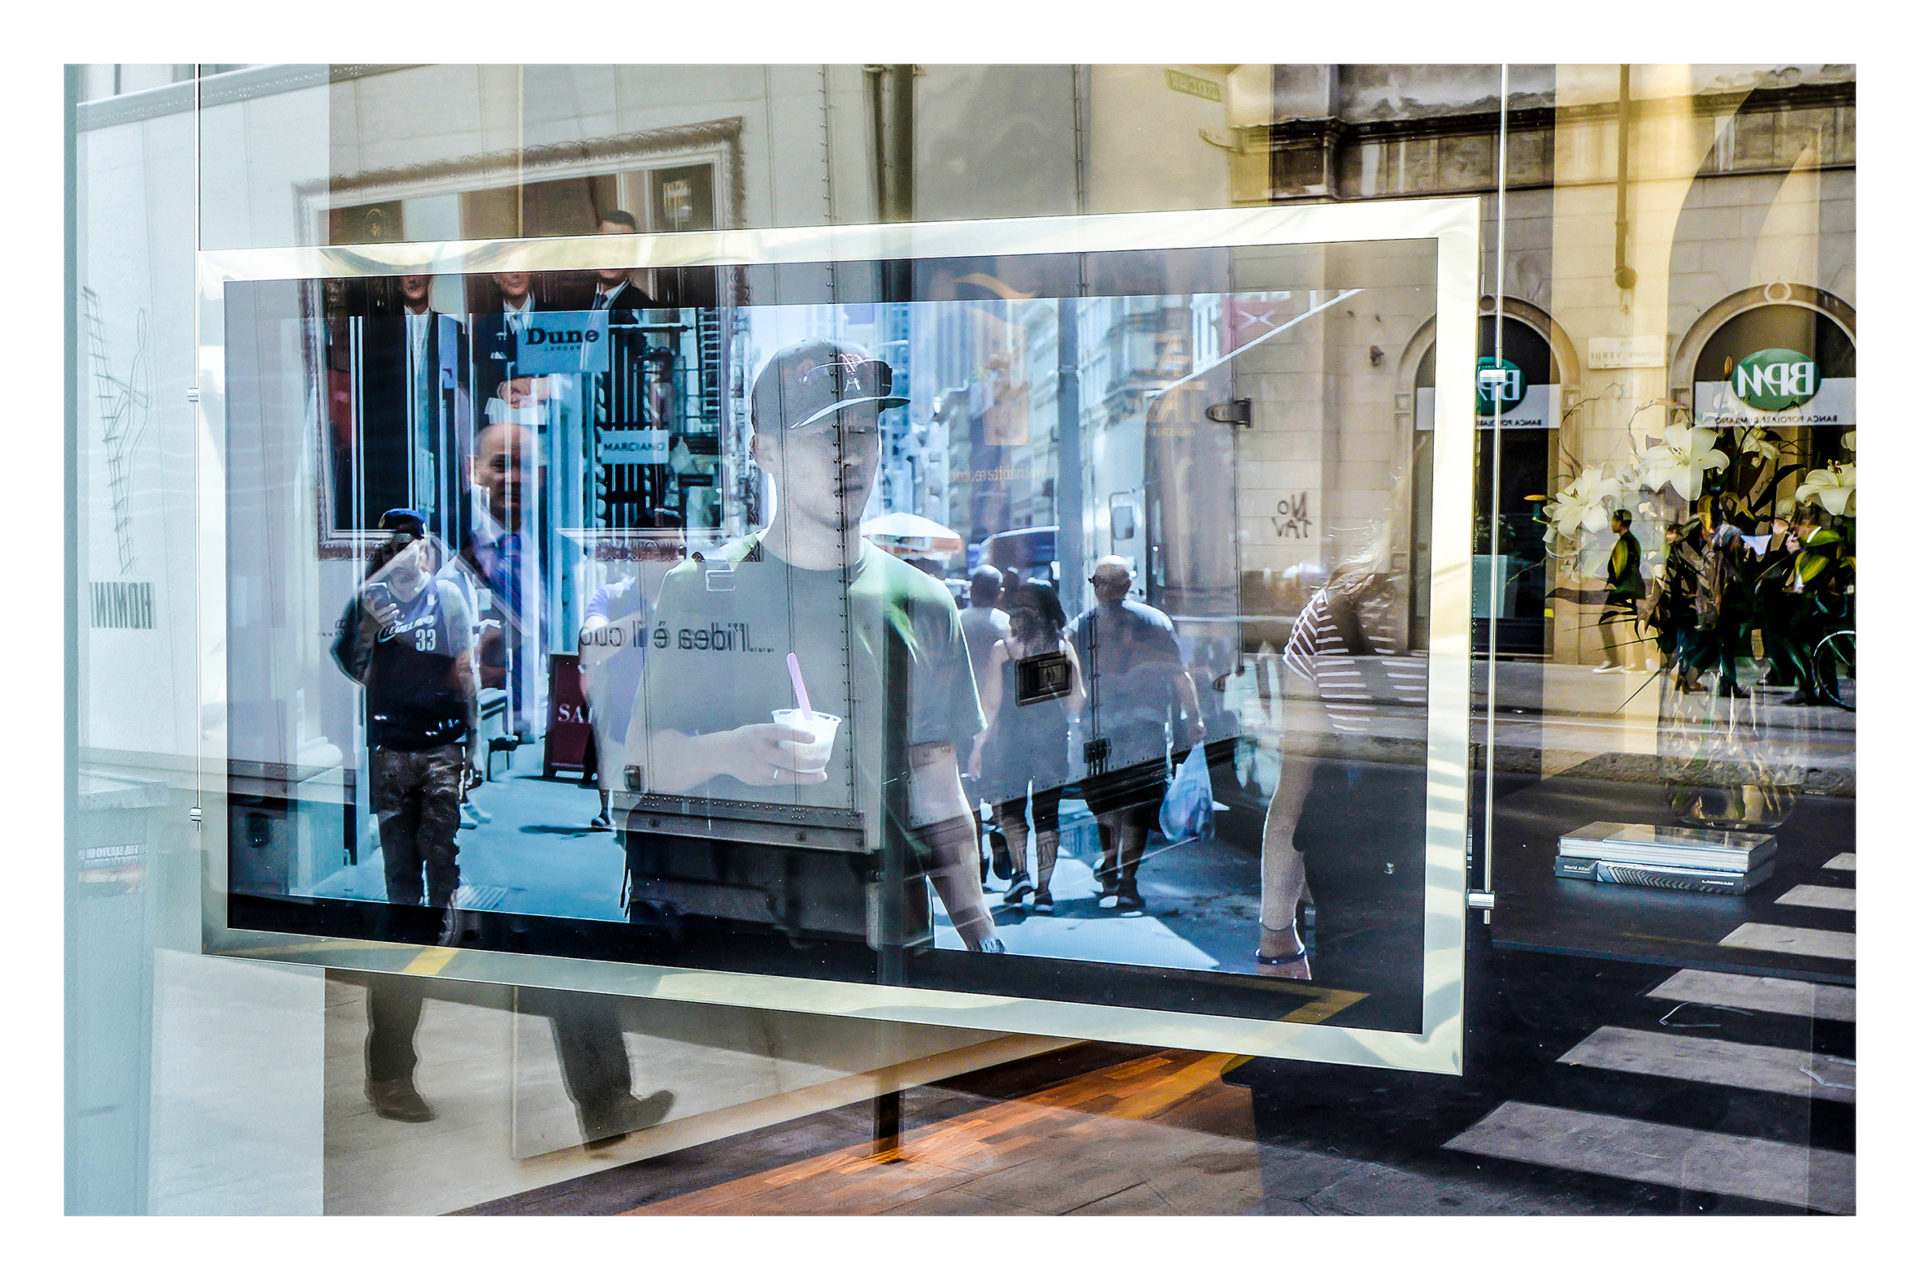 FOTO PER CATALOGO 2 - Milano Photofestival